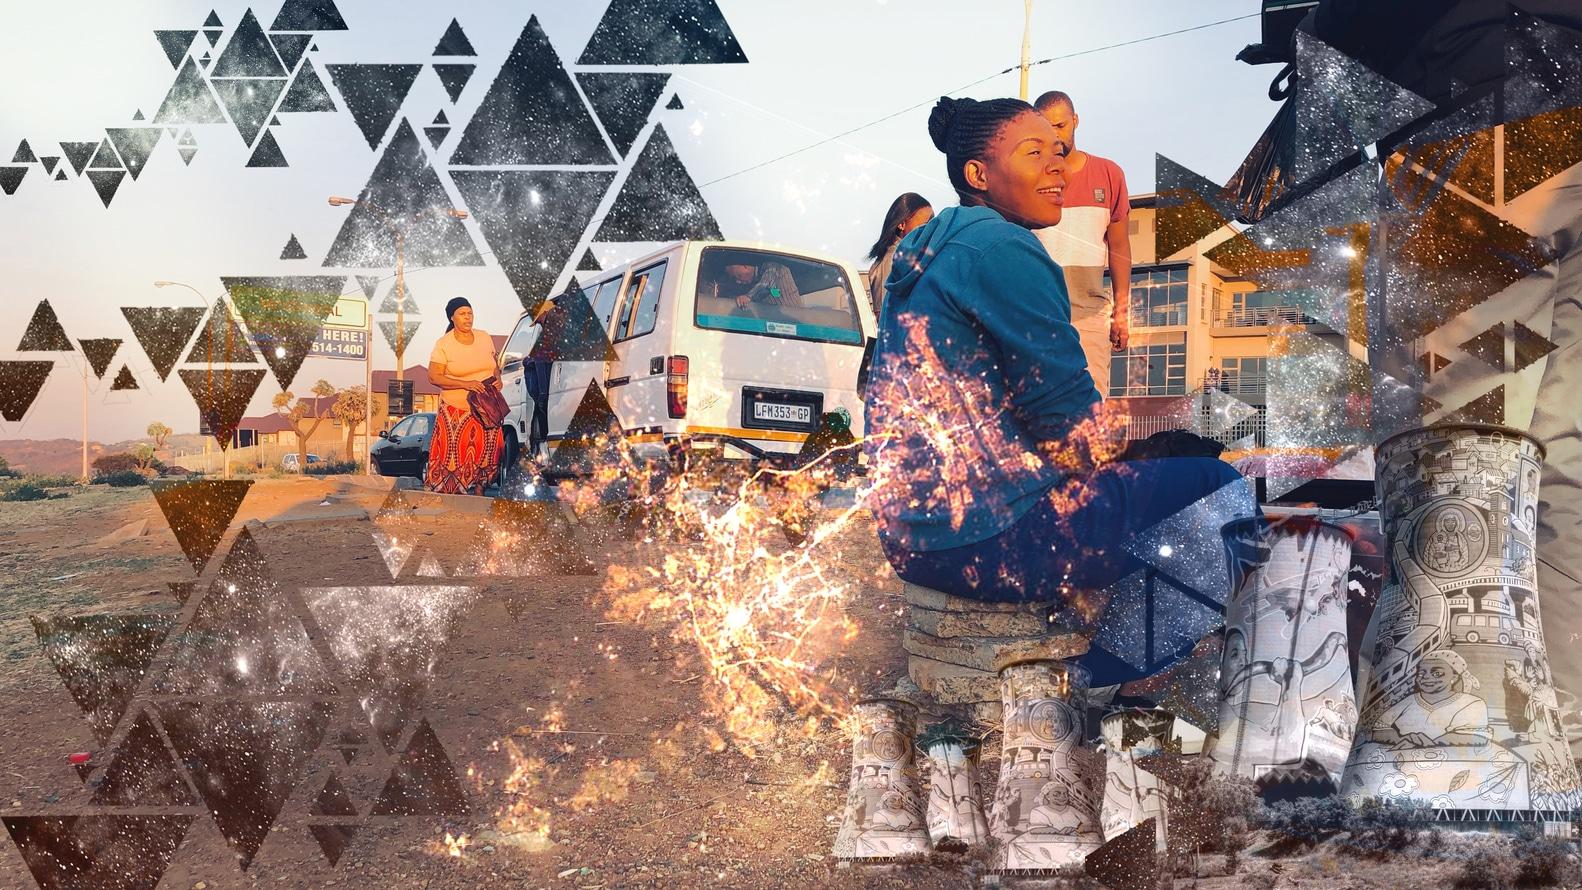 Urbanismo afro-futurista de Wakanda: um ecossistema de estruturas BIM para nômades urbanos